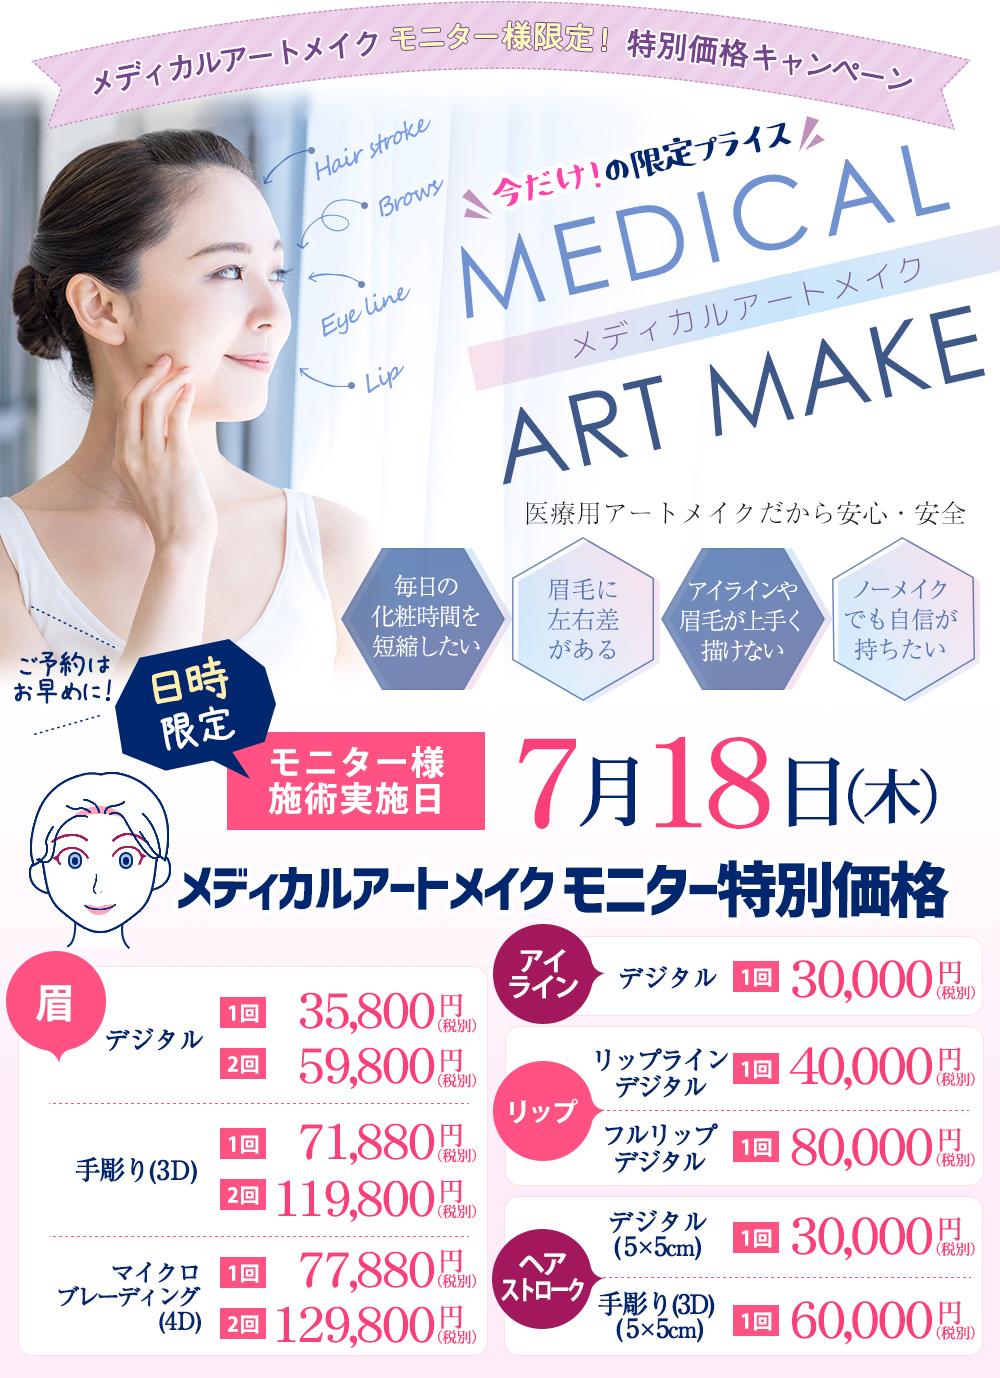 メディカルアートメイク モニター様特別価格キャンペーン